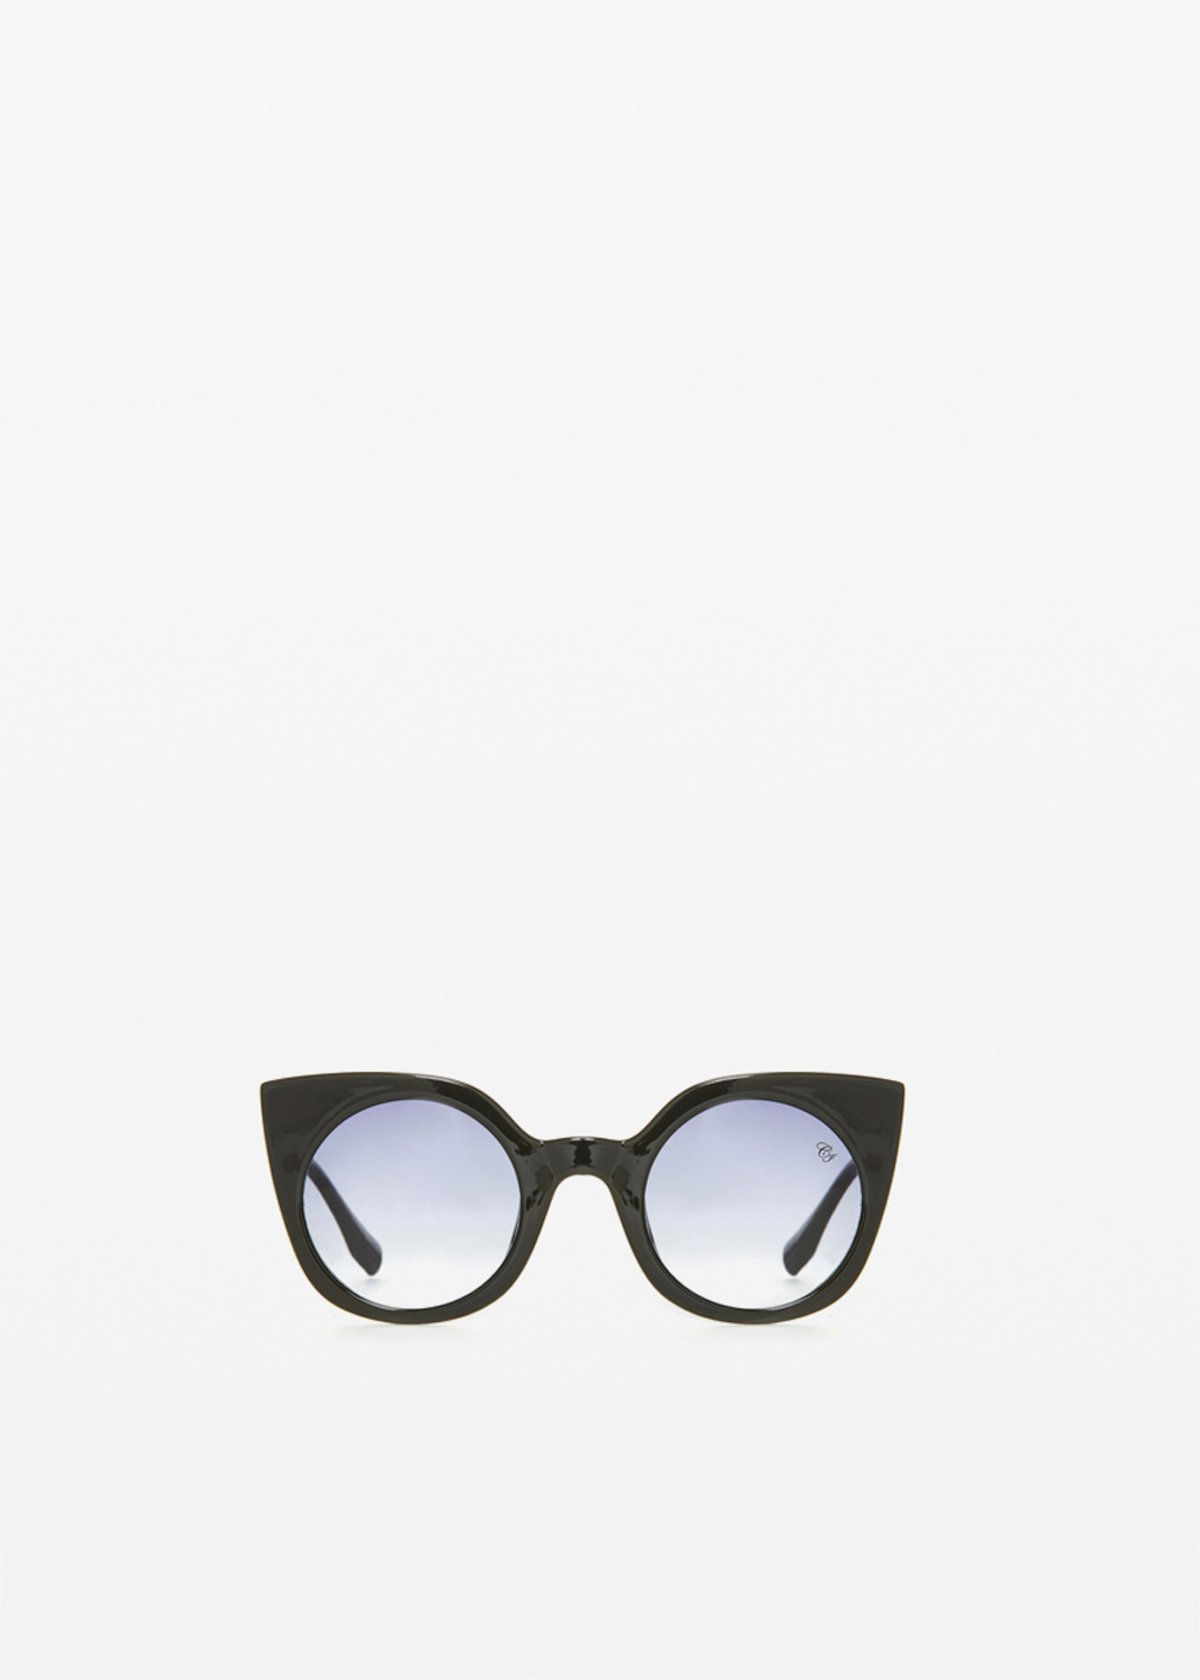 Occhiali da sole RFP-9904 modello cat-eye animalier - Black - Donna - Immagine categoria